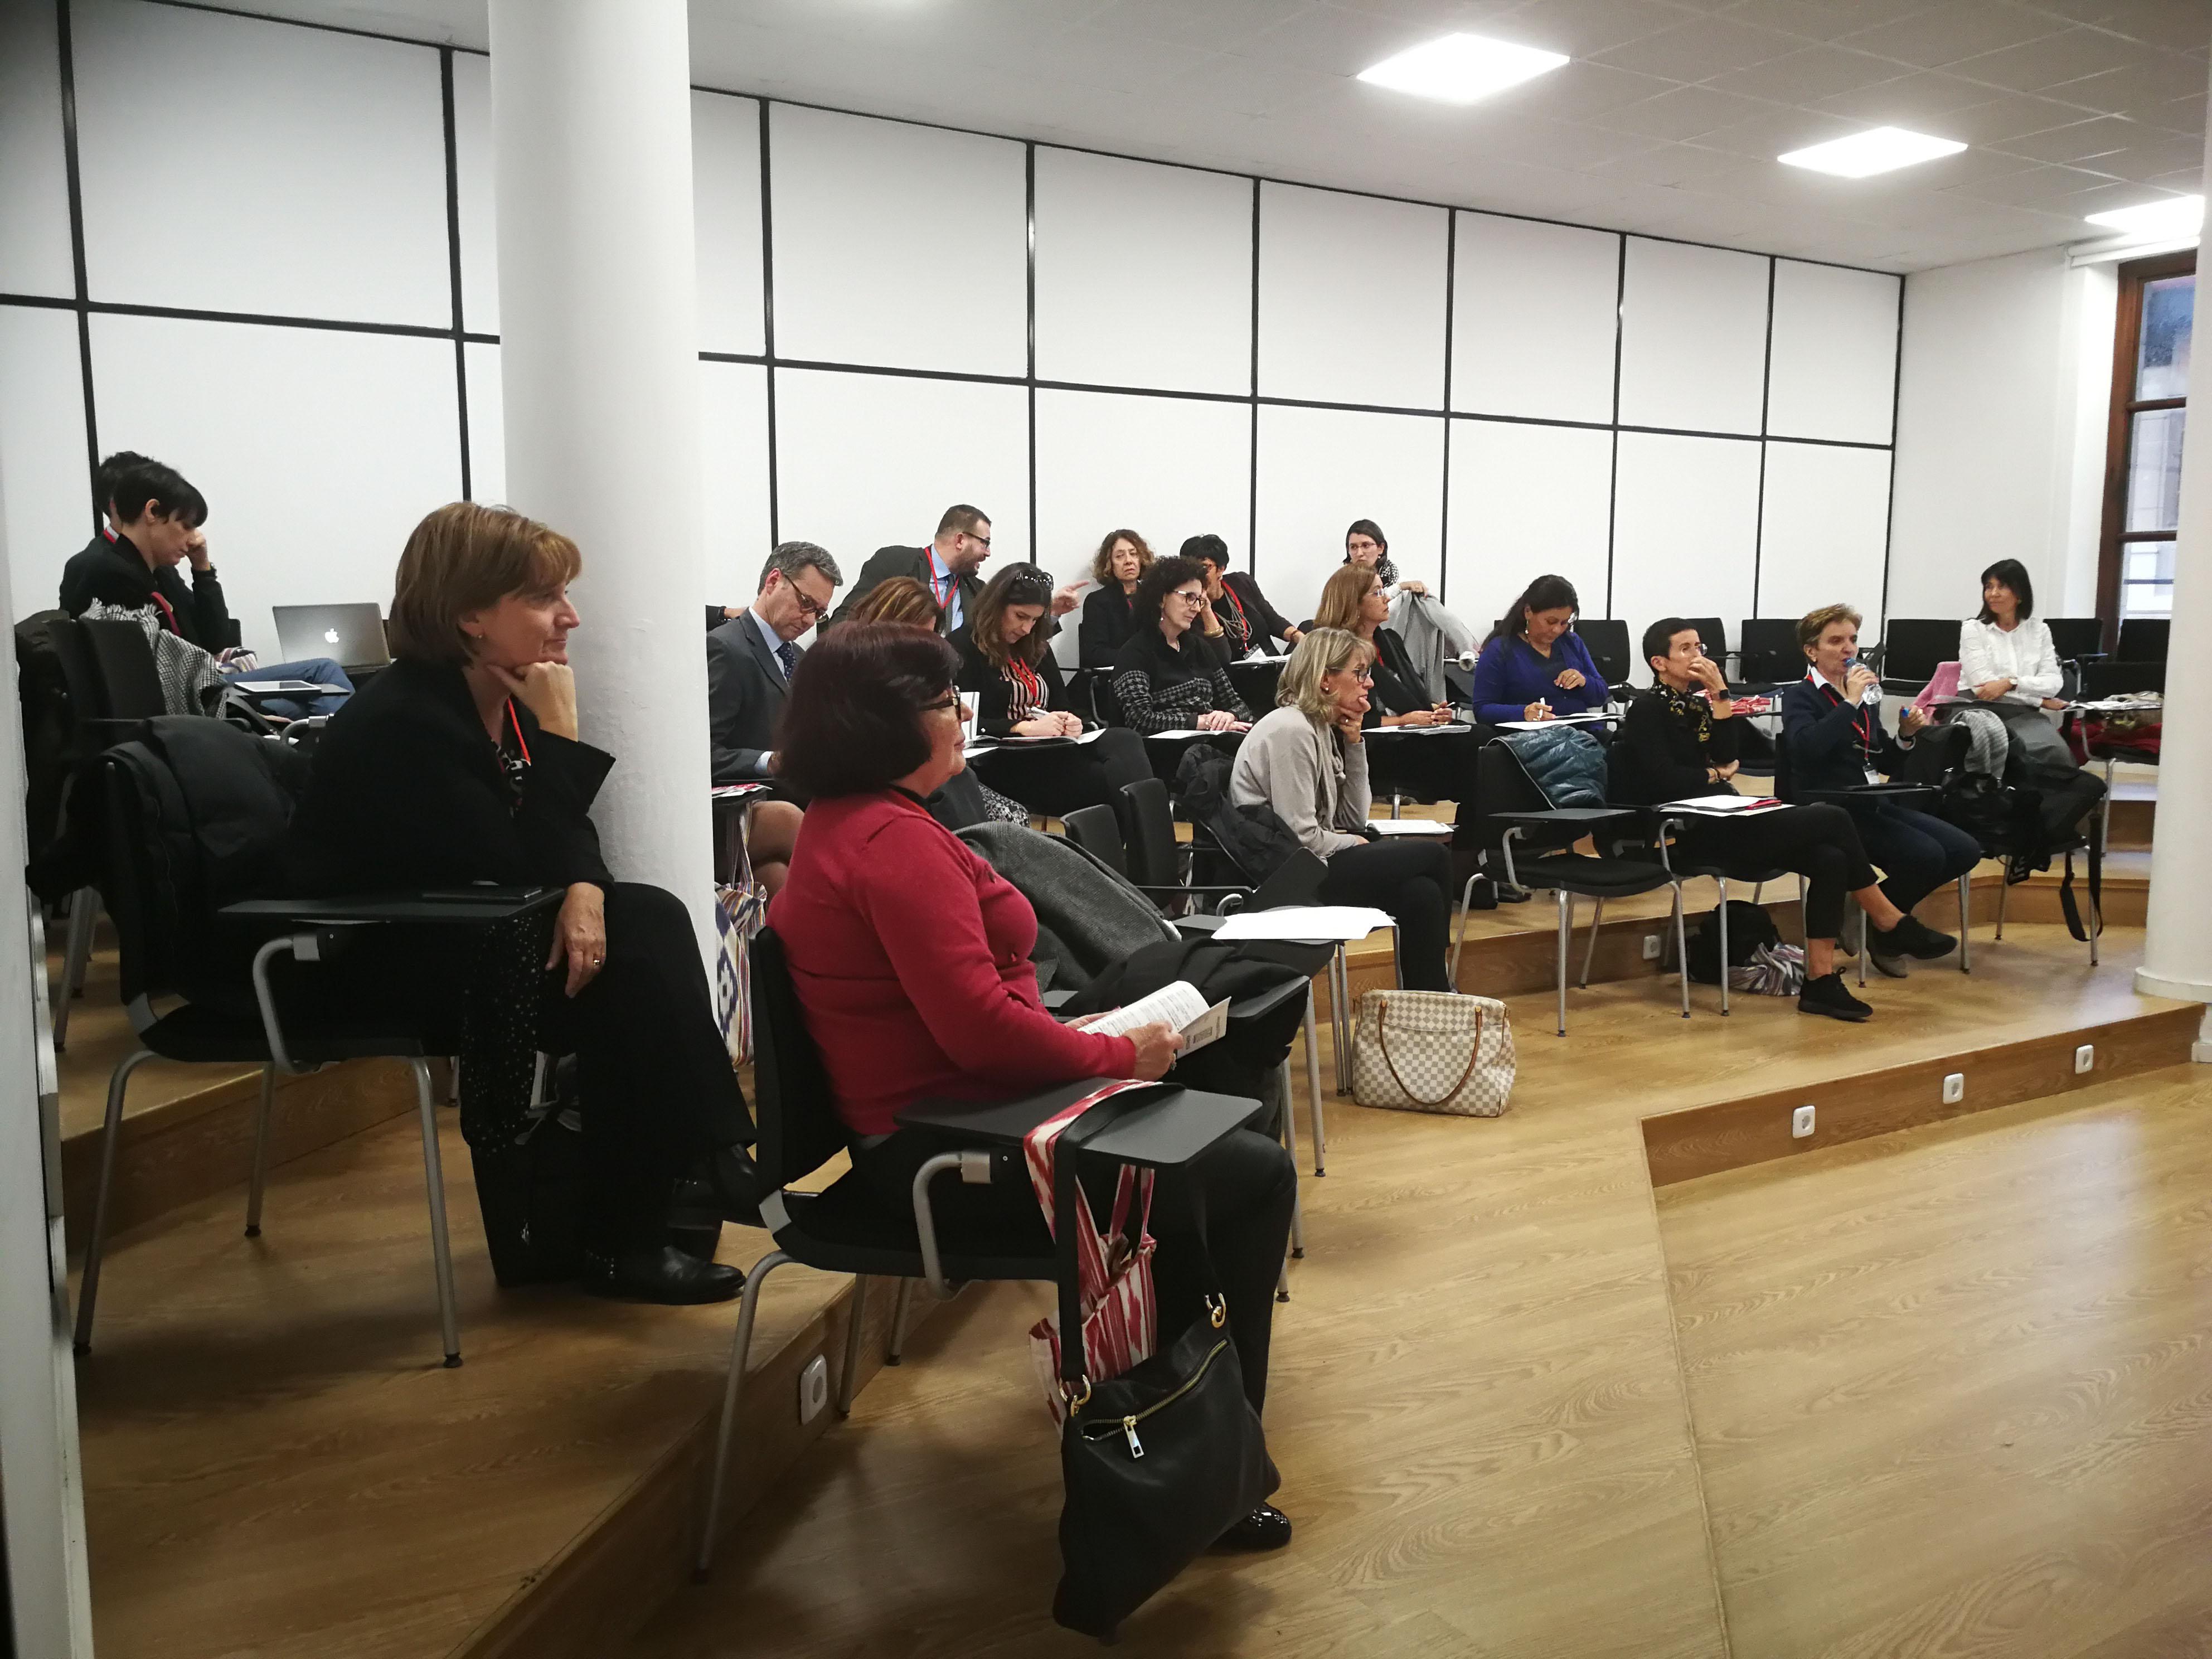 La practica educativa_PalmadiMaiorca-171308